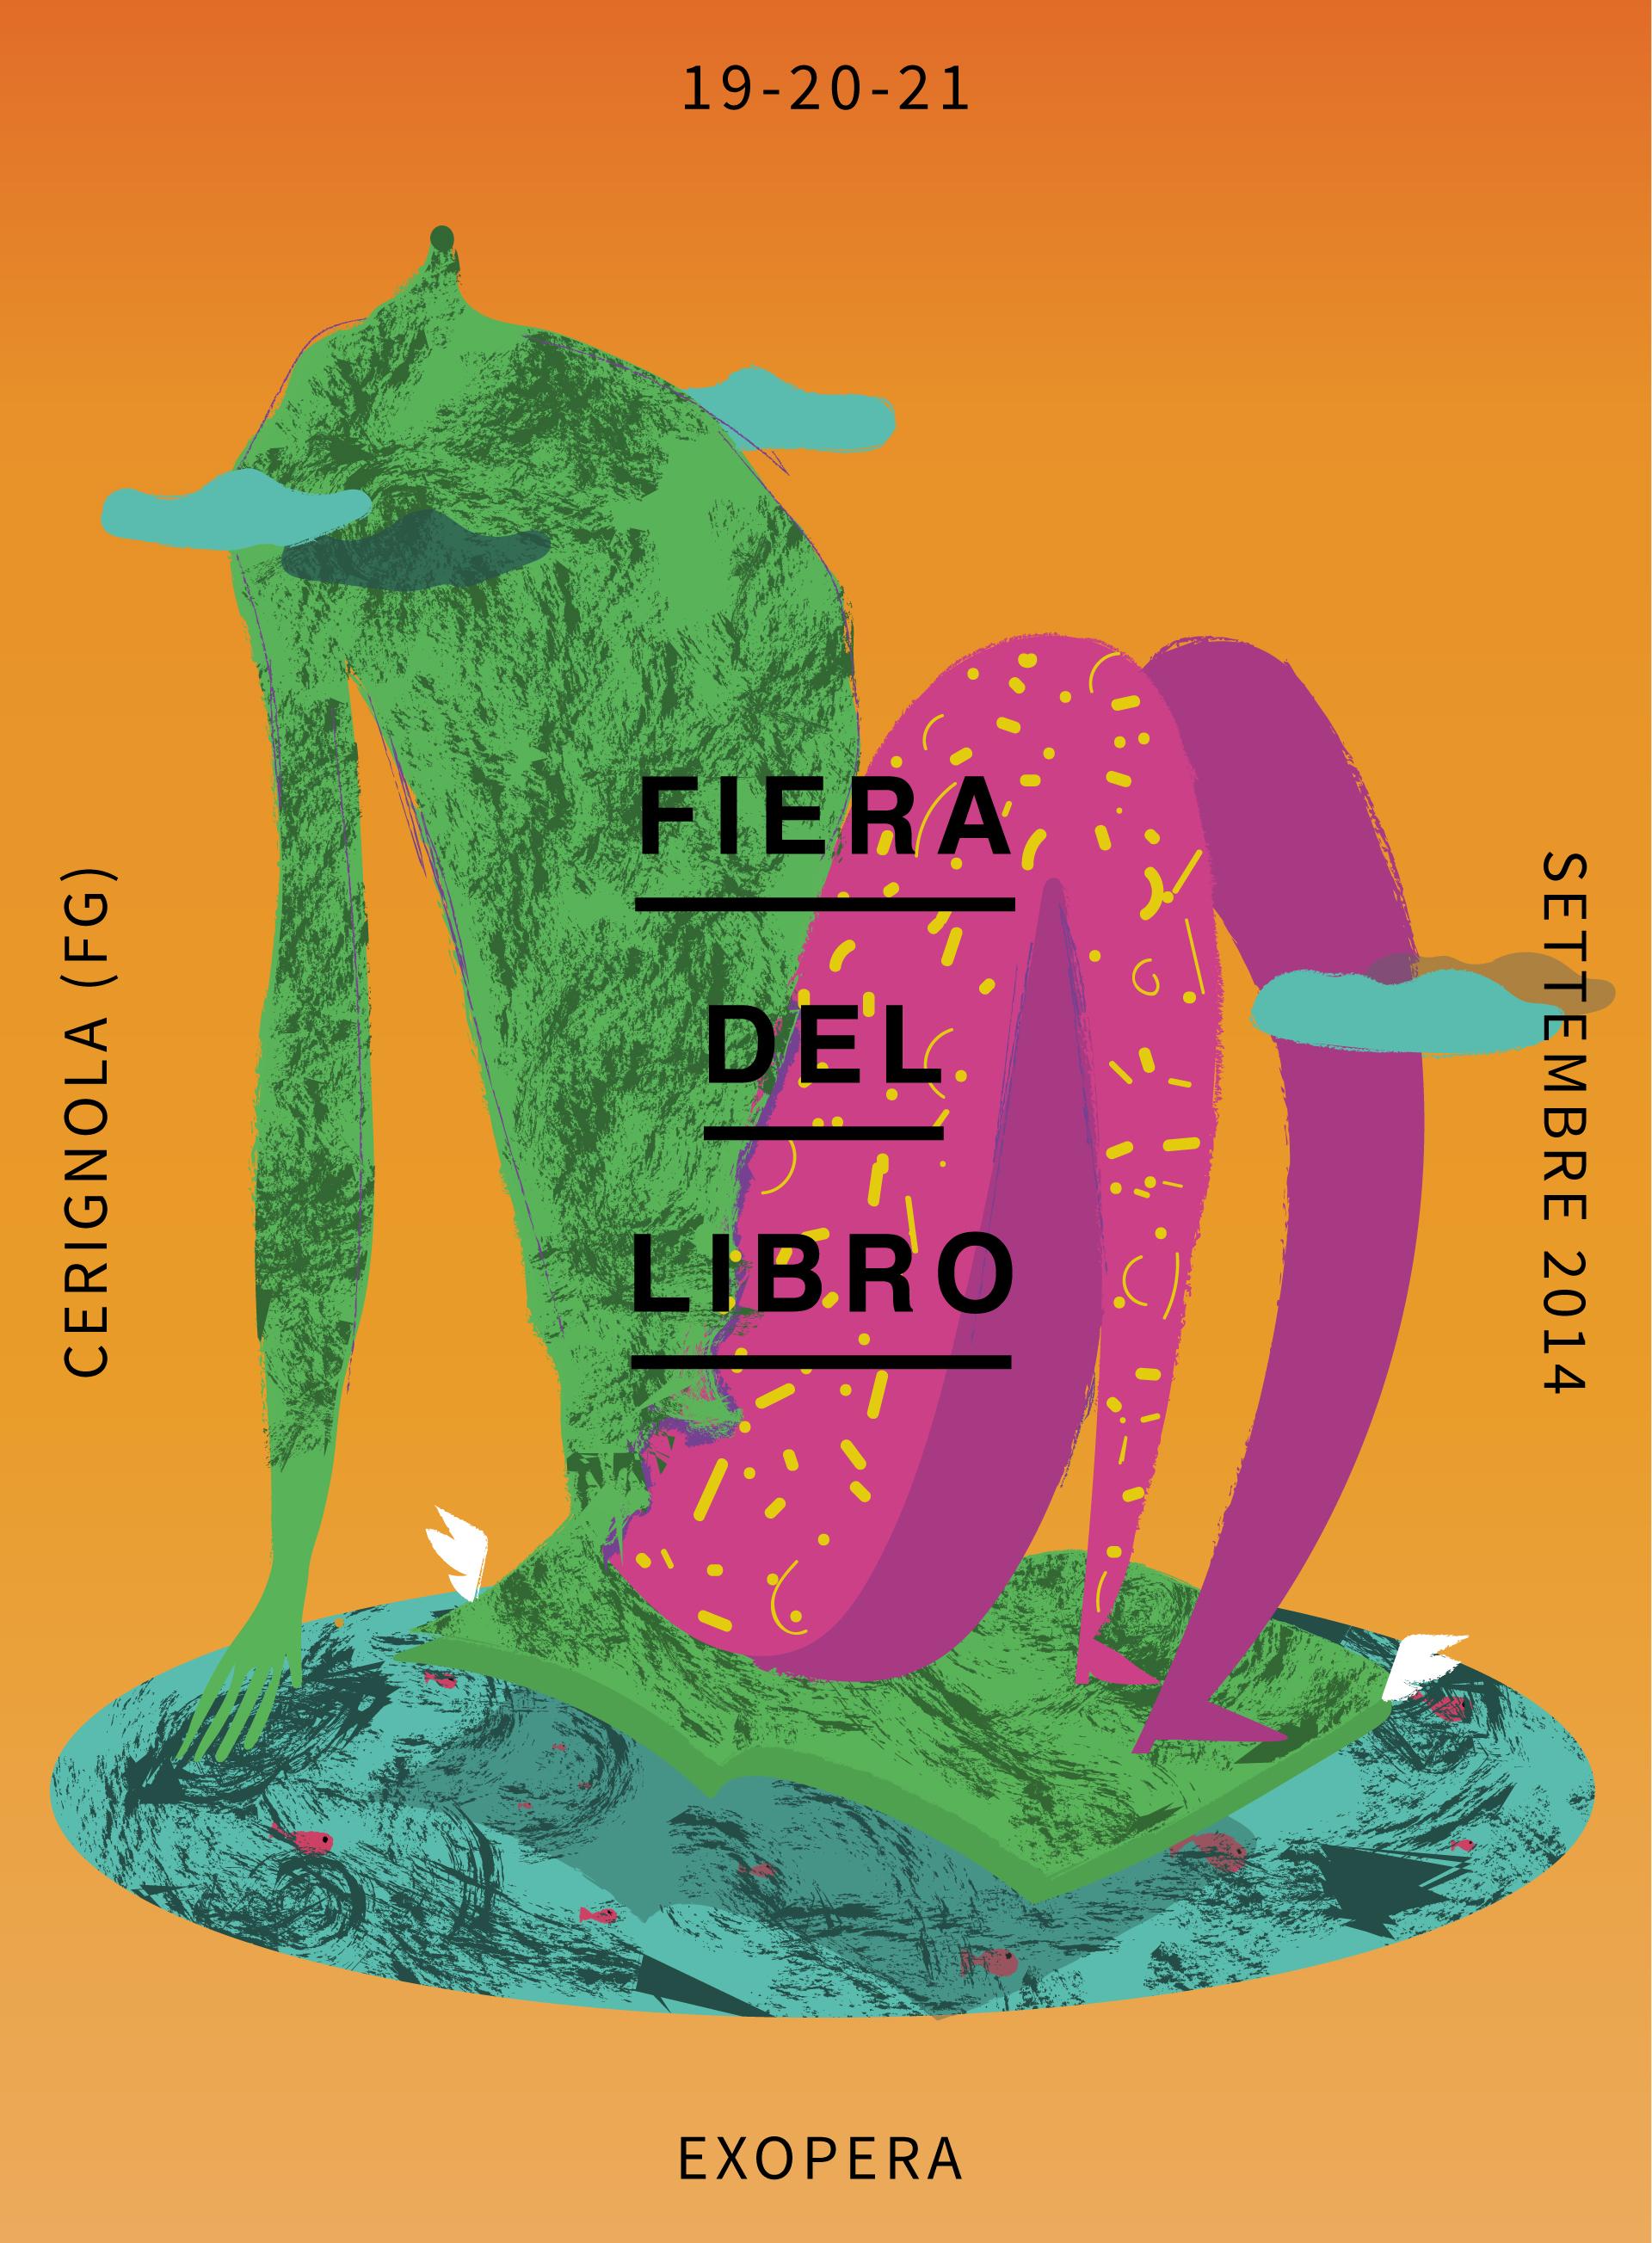 fieraDelLibro2014